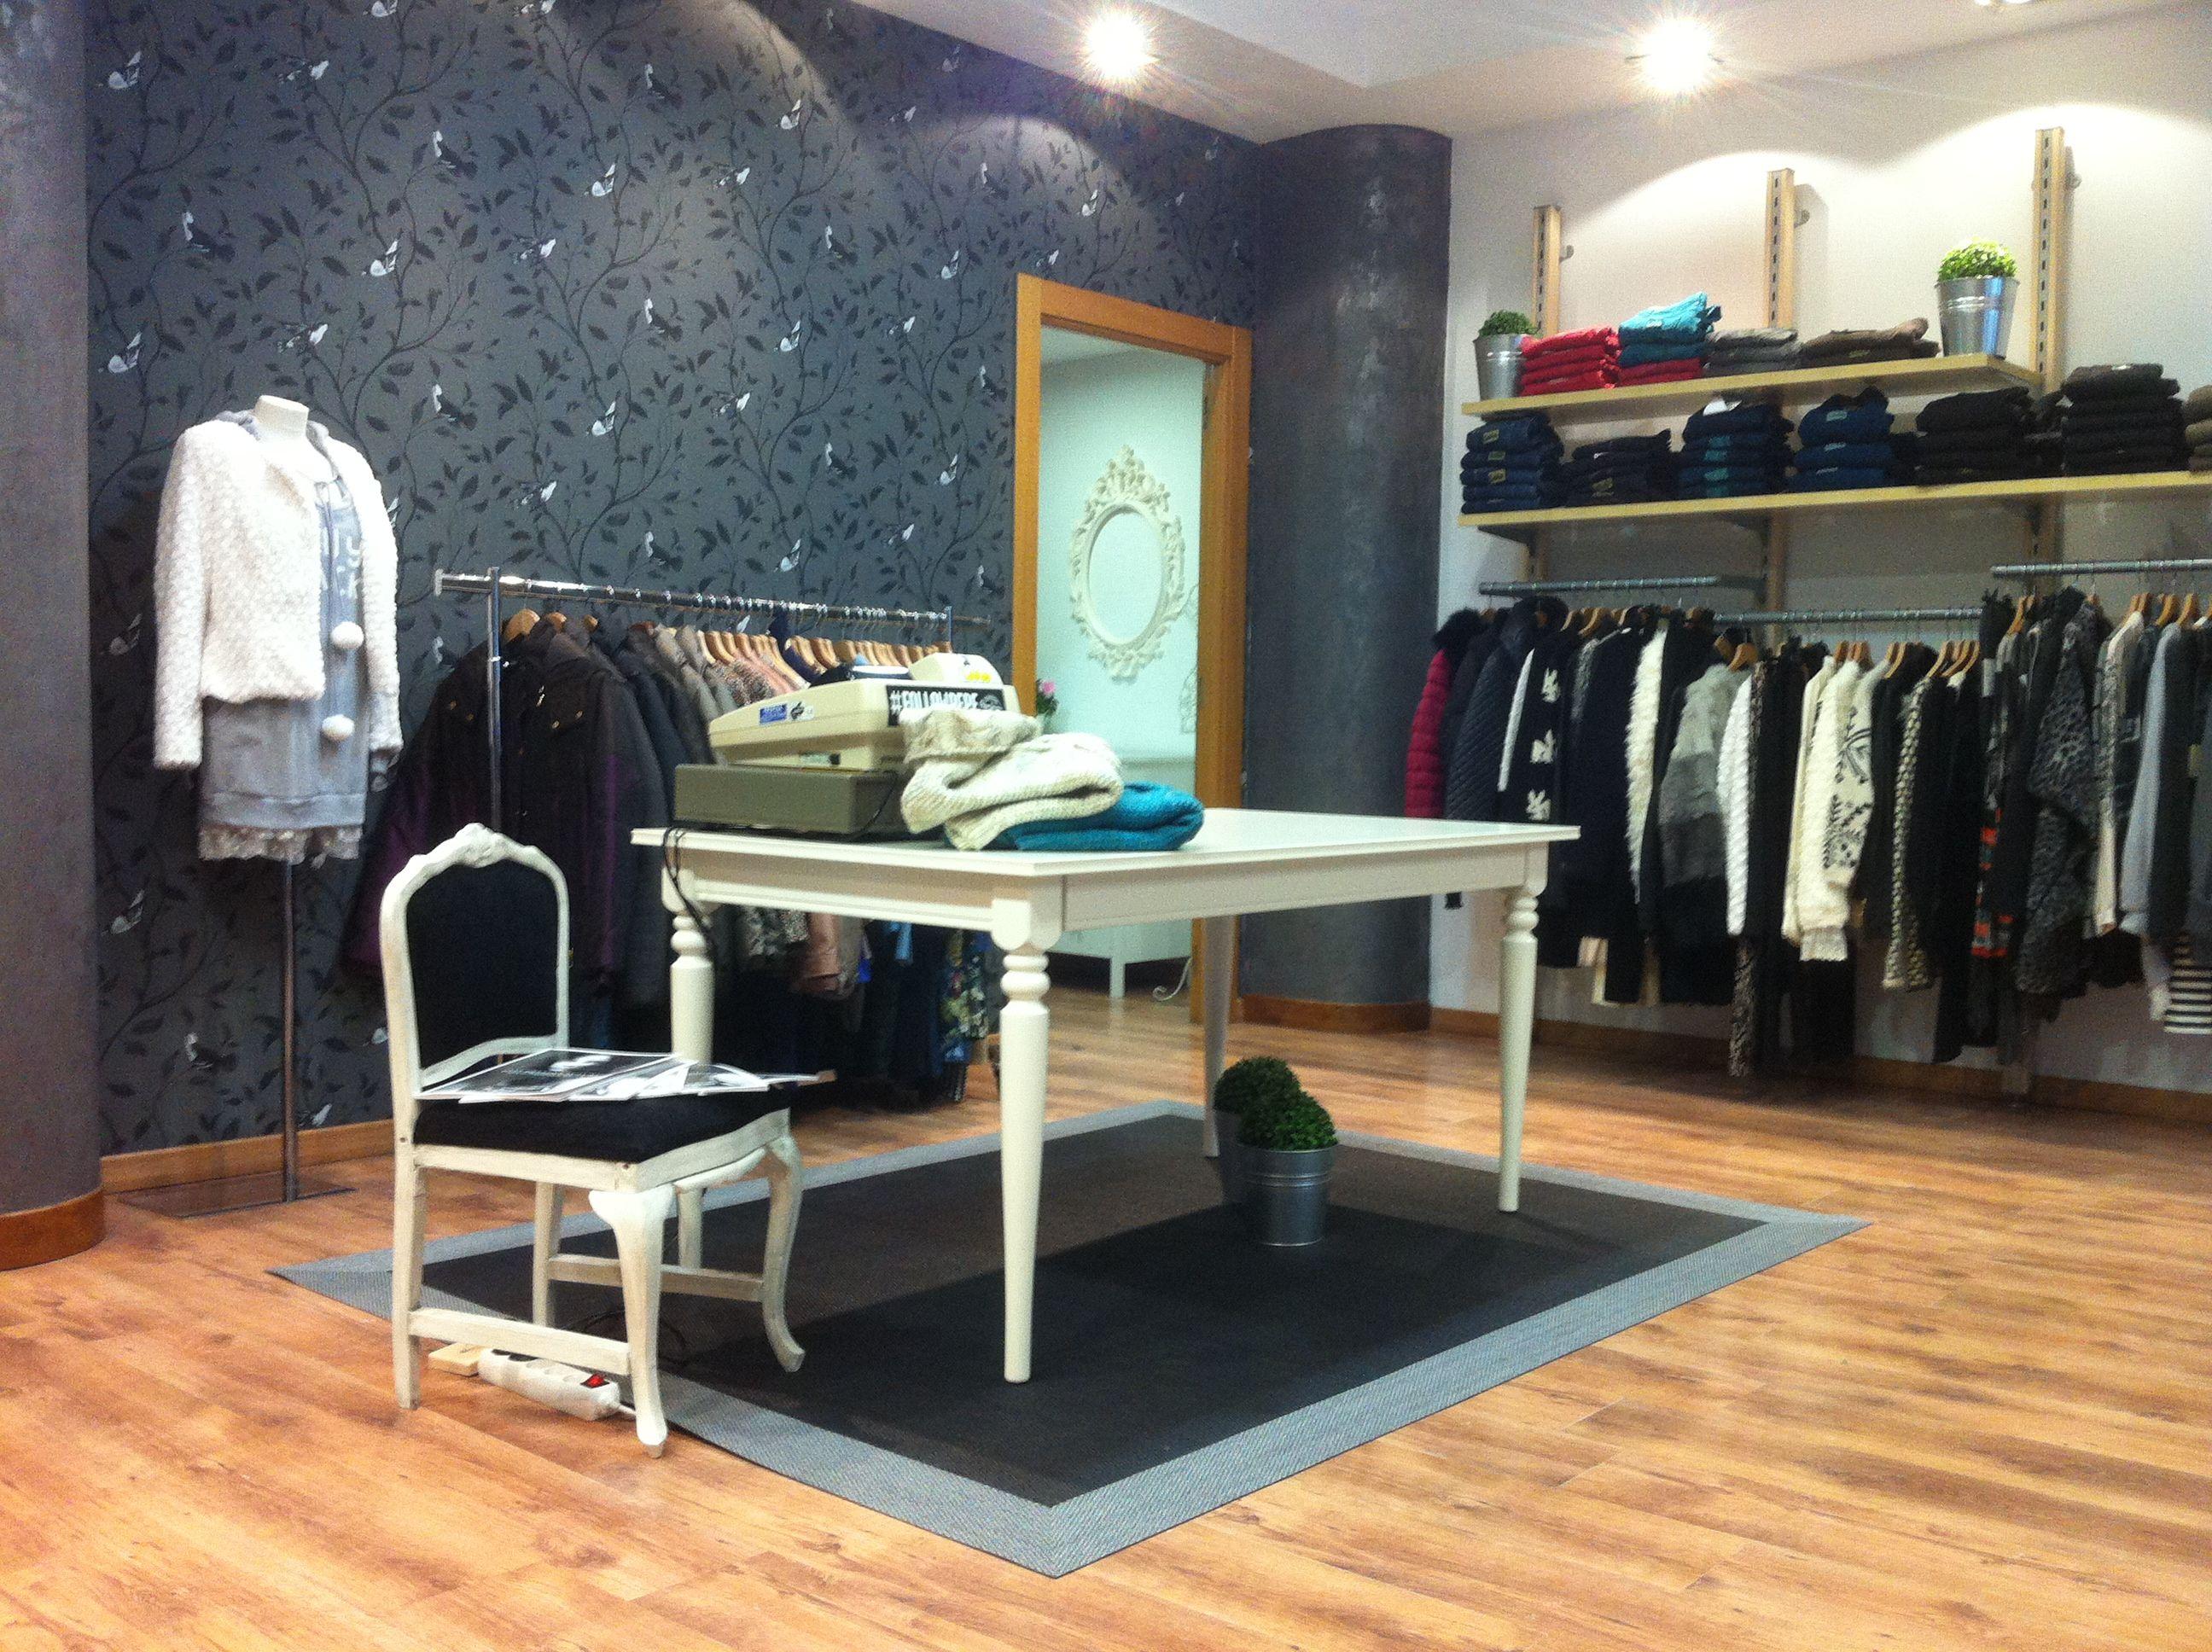 Proyecto de dise o de interior y reforma en tienda vintage for Disenos de interiores para boutique